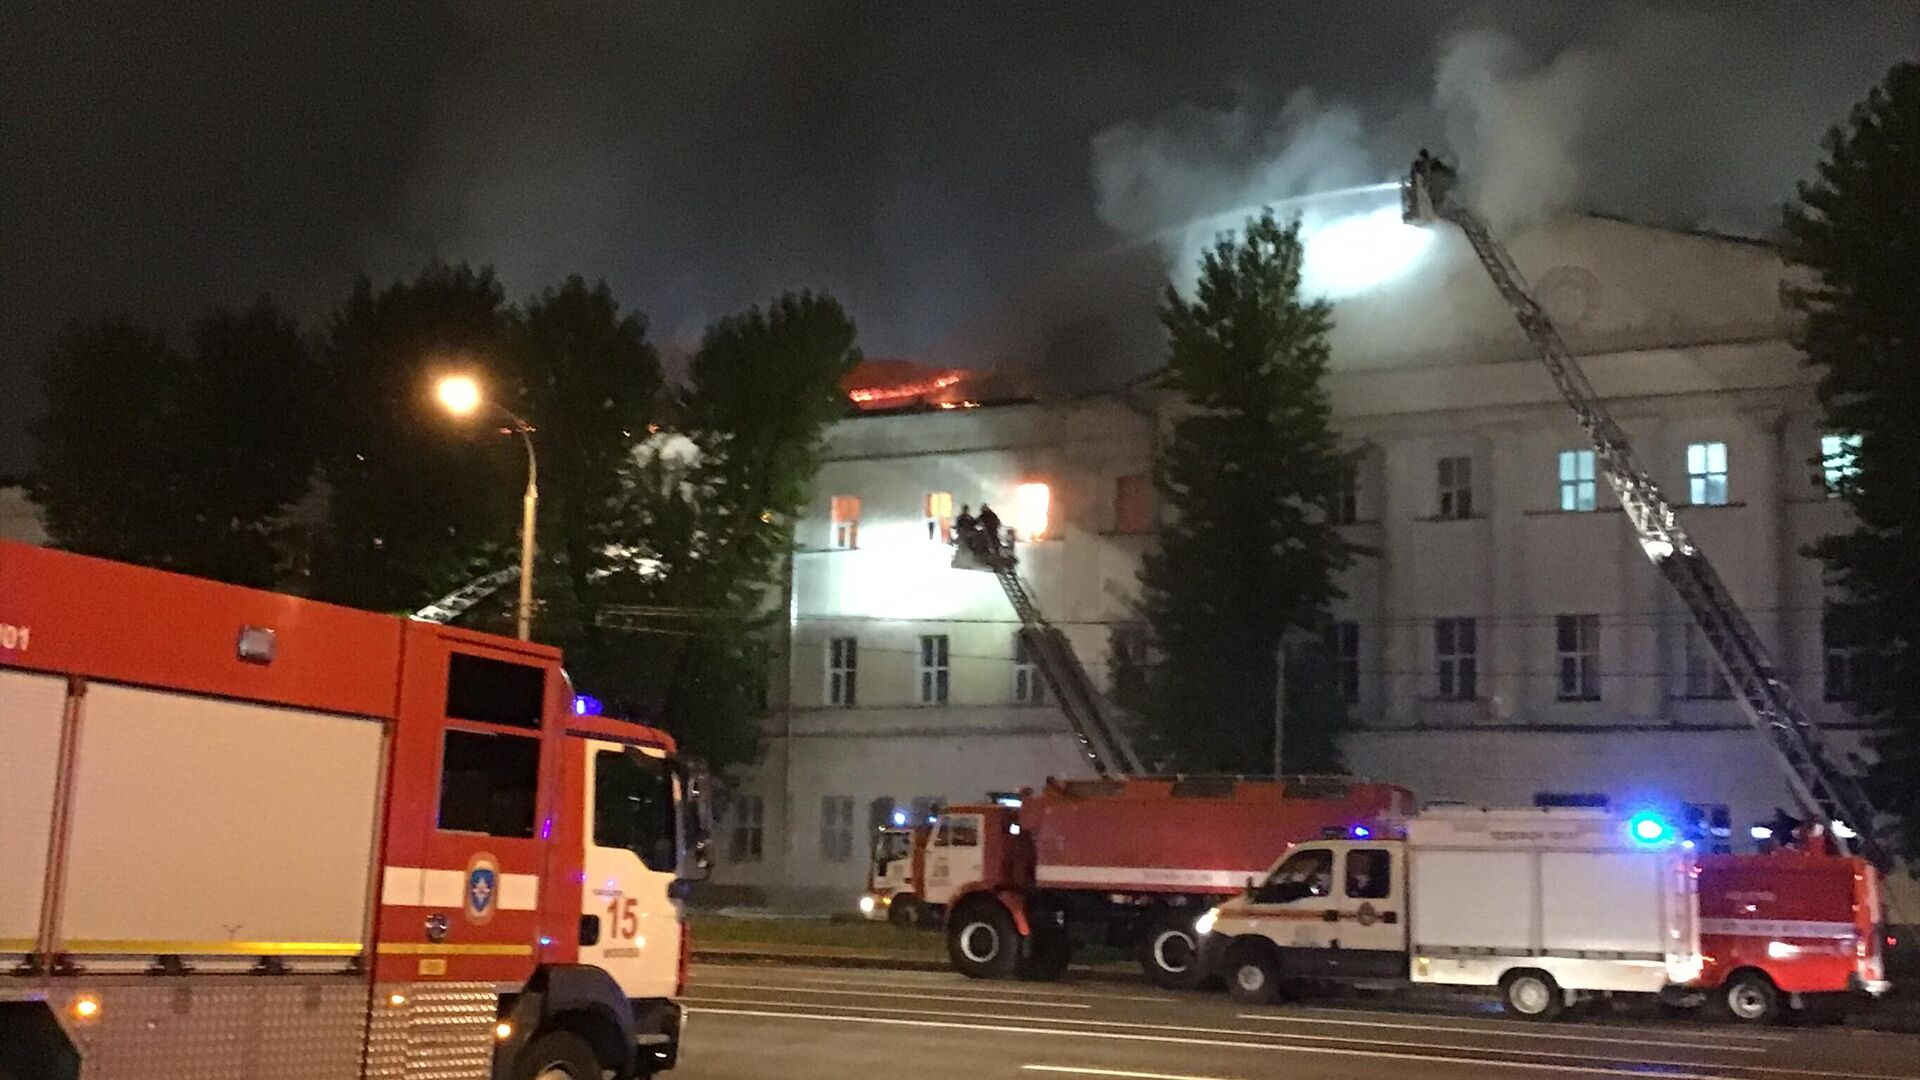 El incendio en la residencia de estudiantes de la Universidad Militar de Rusia.  - Sputnik Mundo, 1920, 24.09.2021